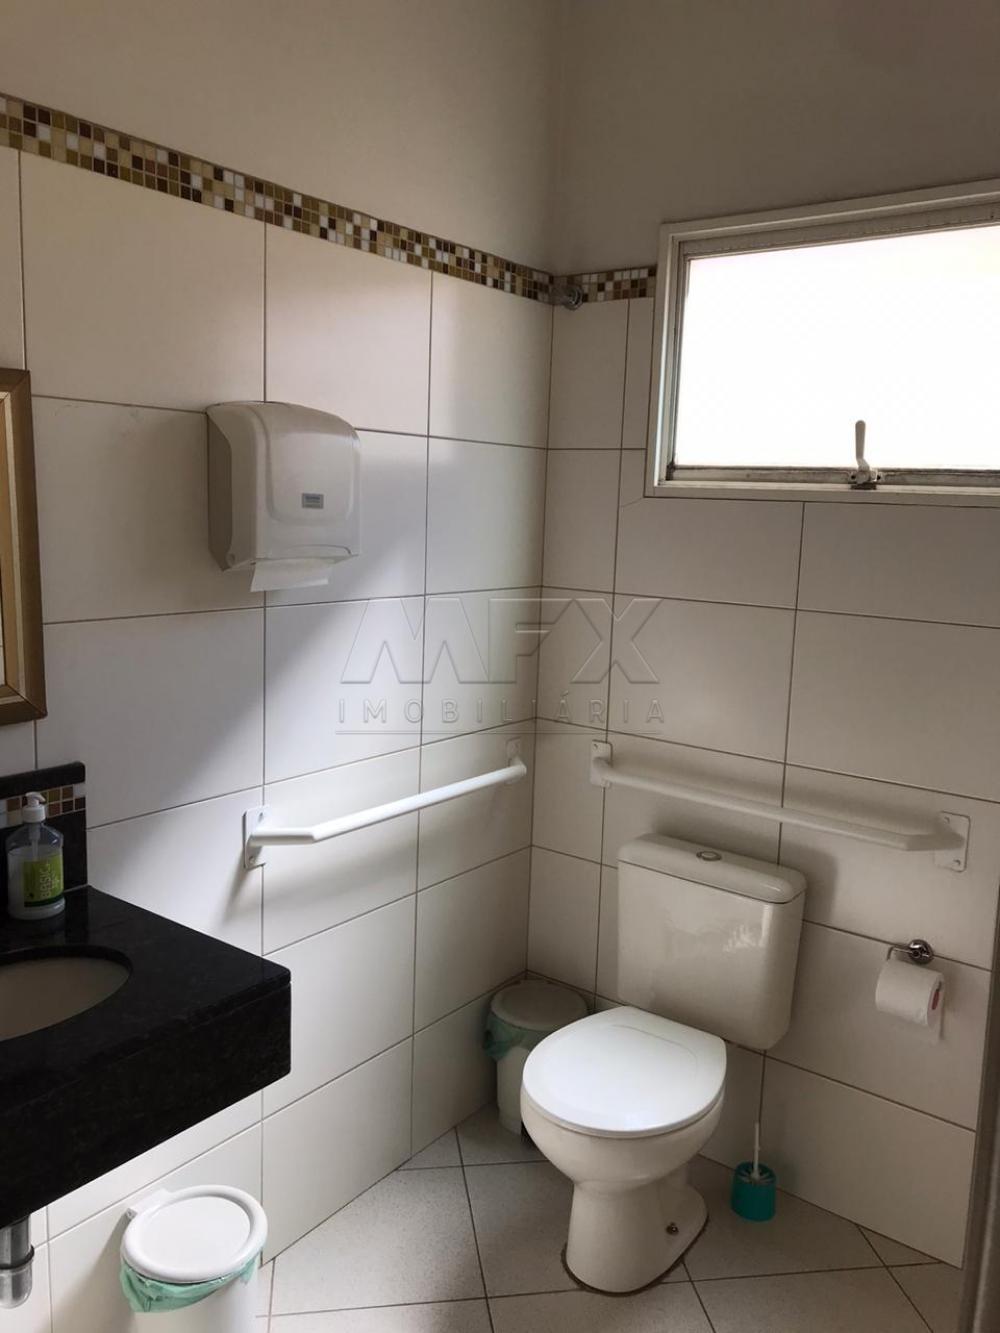 Comprar Casa / Padrão em Bauru R$ 750.000,00 - Foto 7